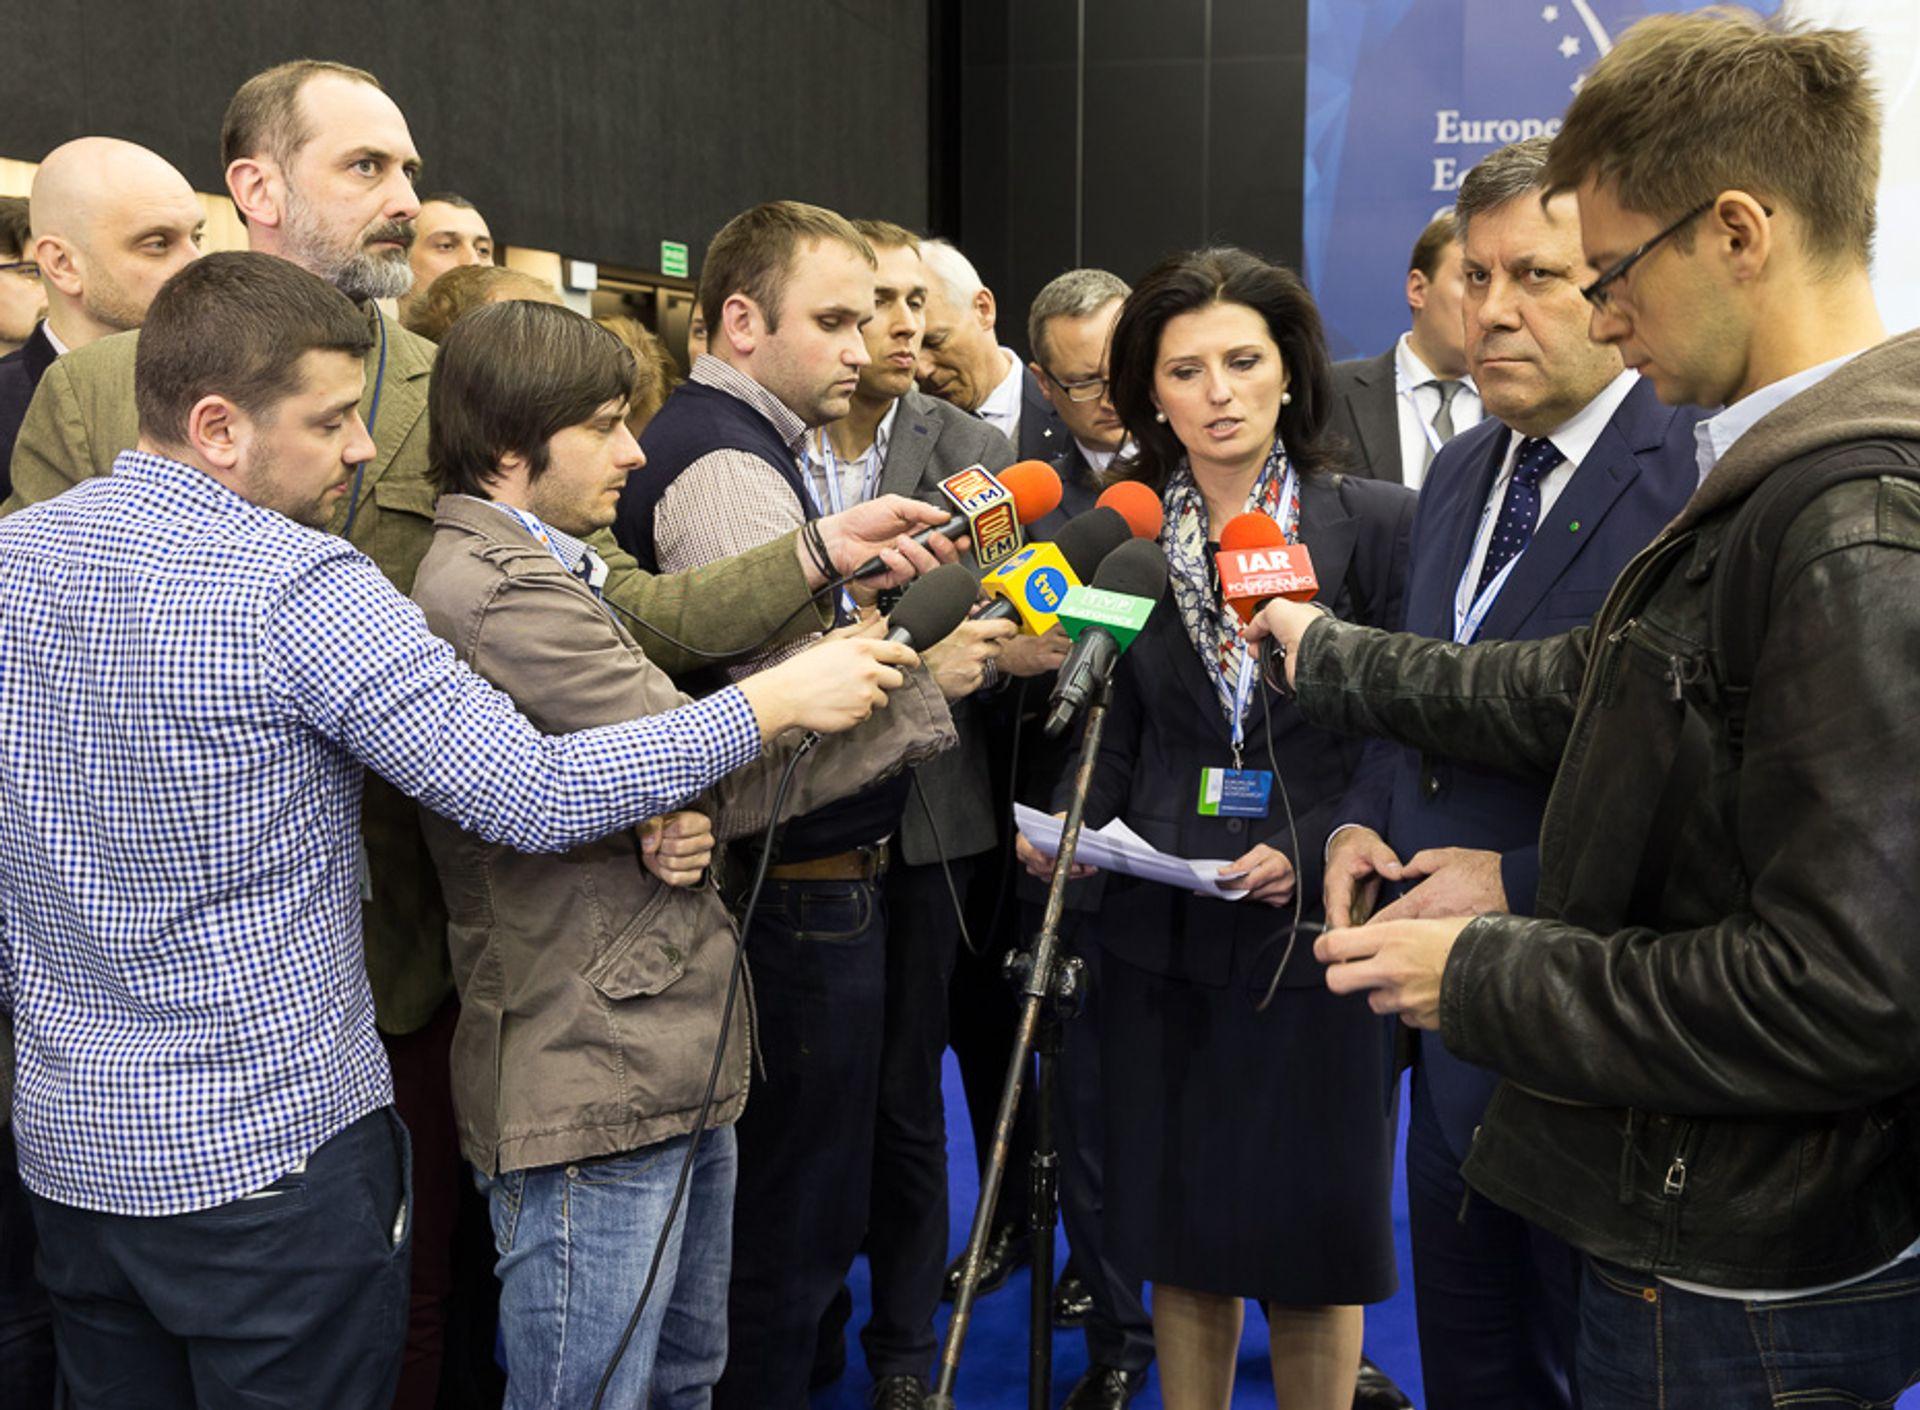 [Katowice] Podsumowanie drugiego dnia Europejskiego Kongresu Gospodarczego 2015 w Katowicach